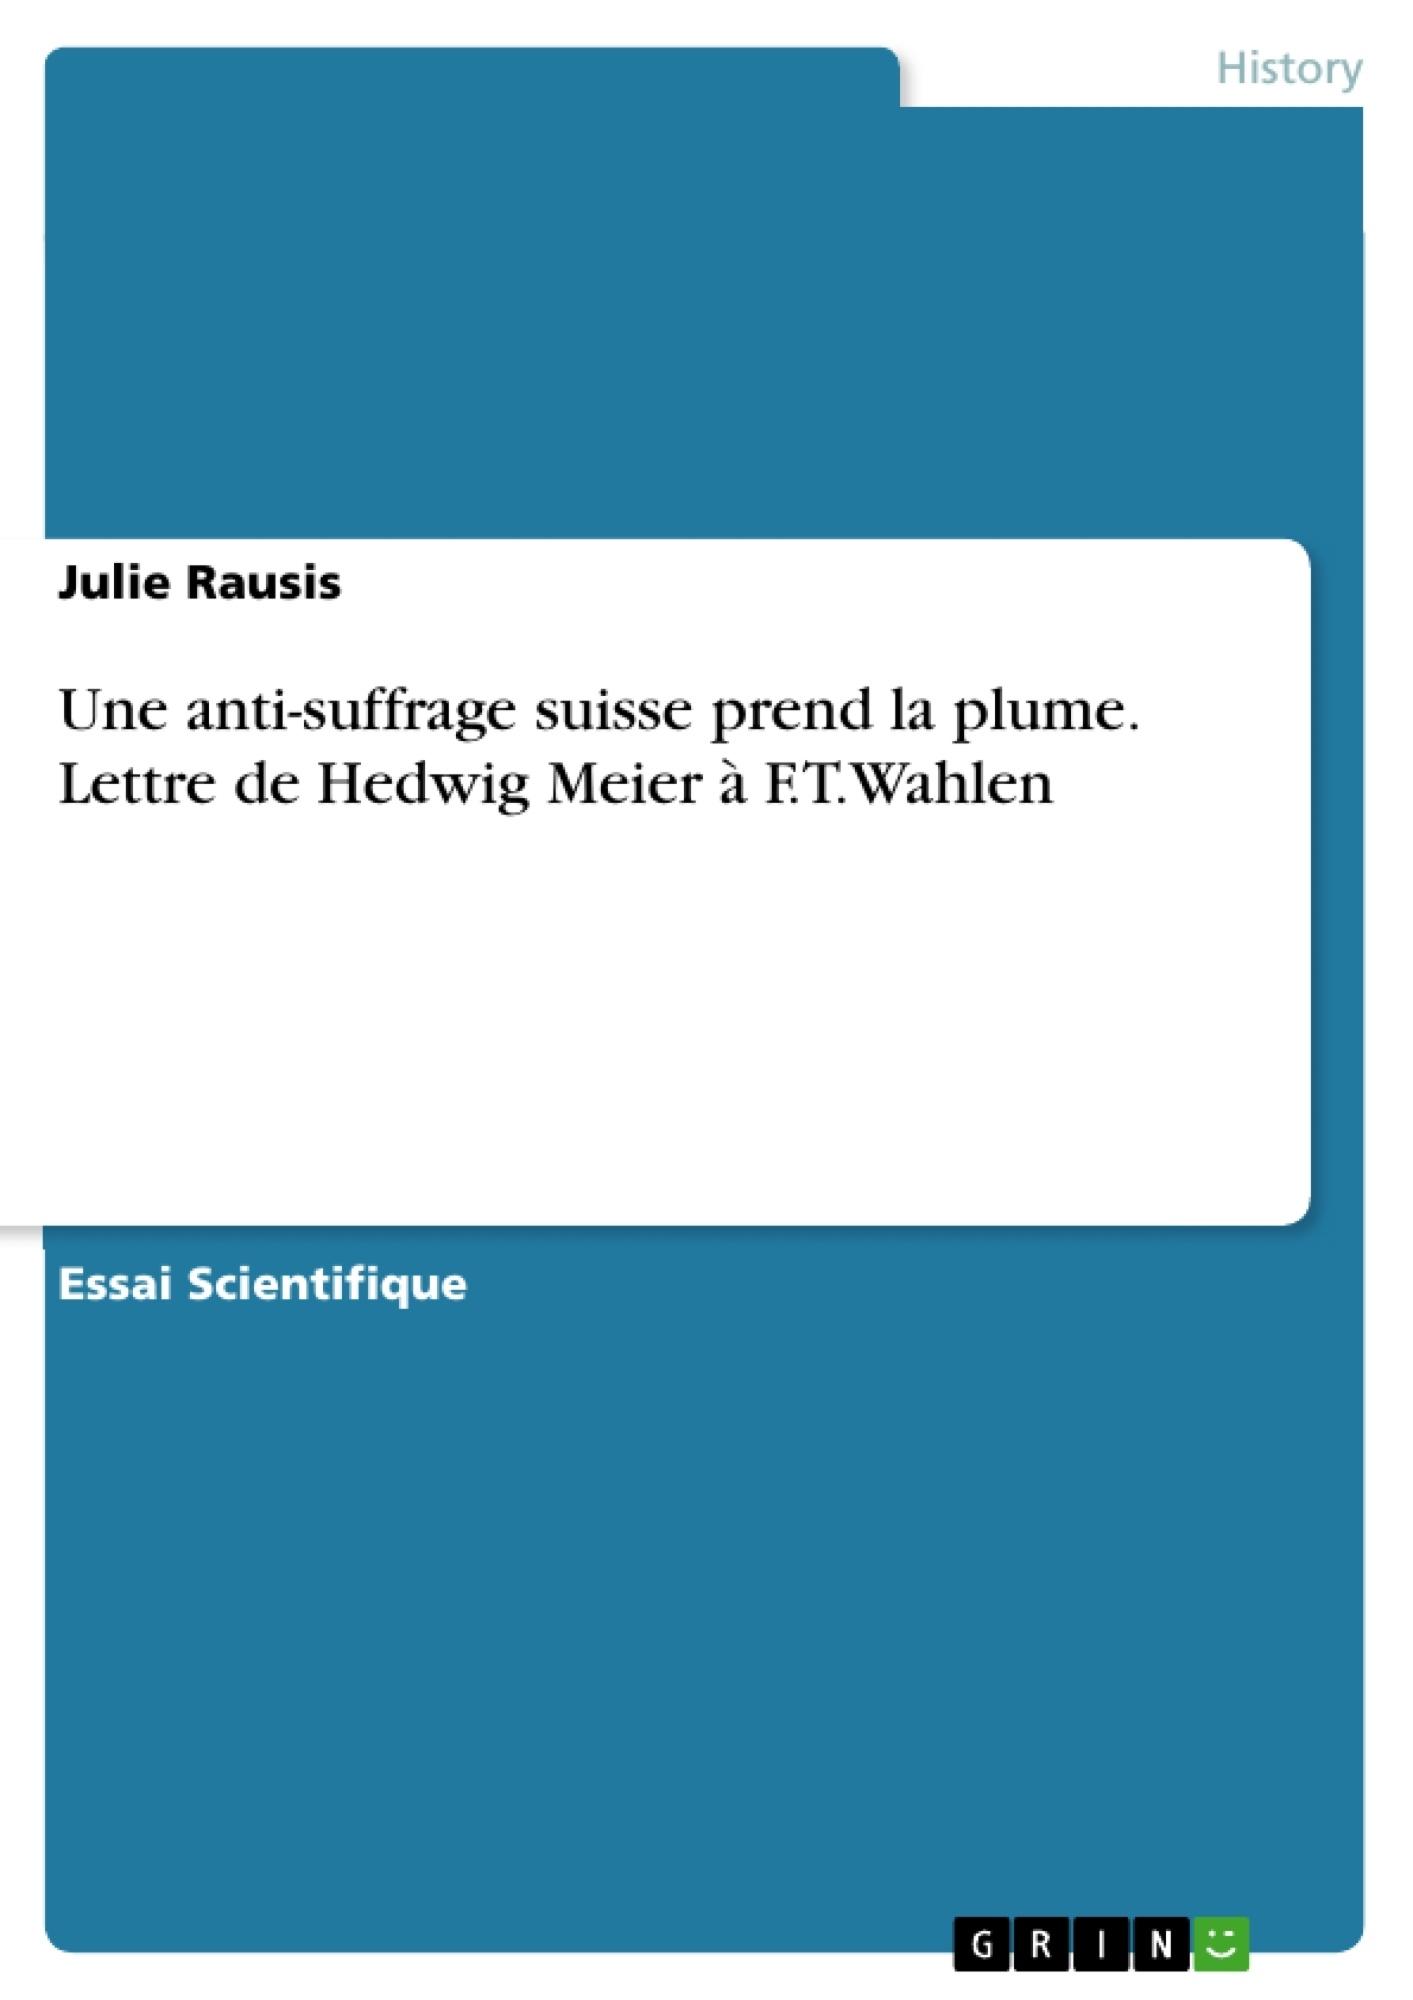 Titre: Une anti-suffrage suisse prend la plume. Lettre de Hedwig Meier à F.T.Wahlen